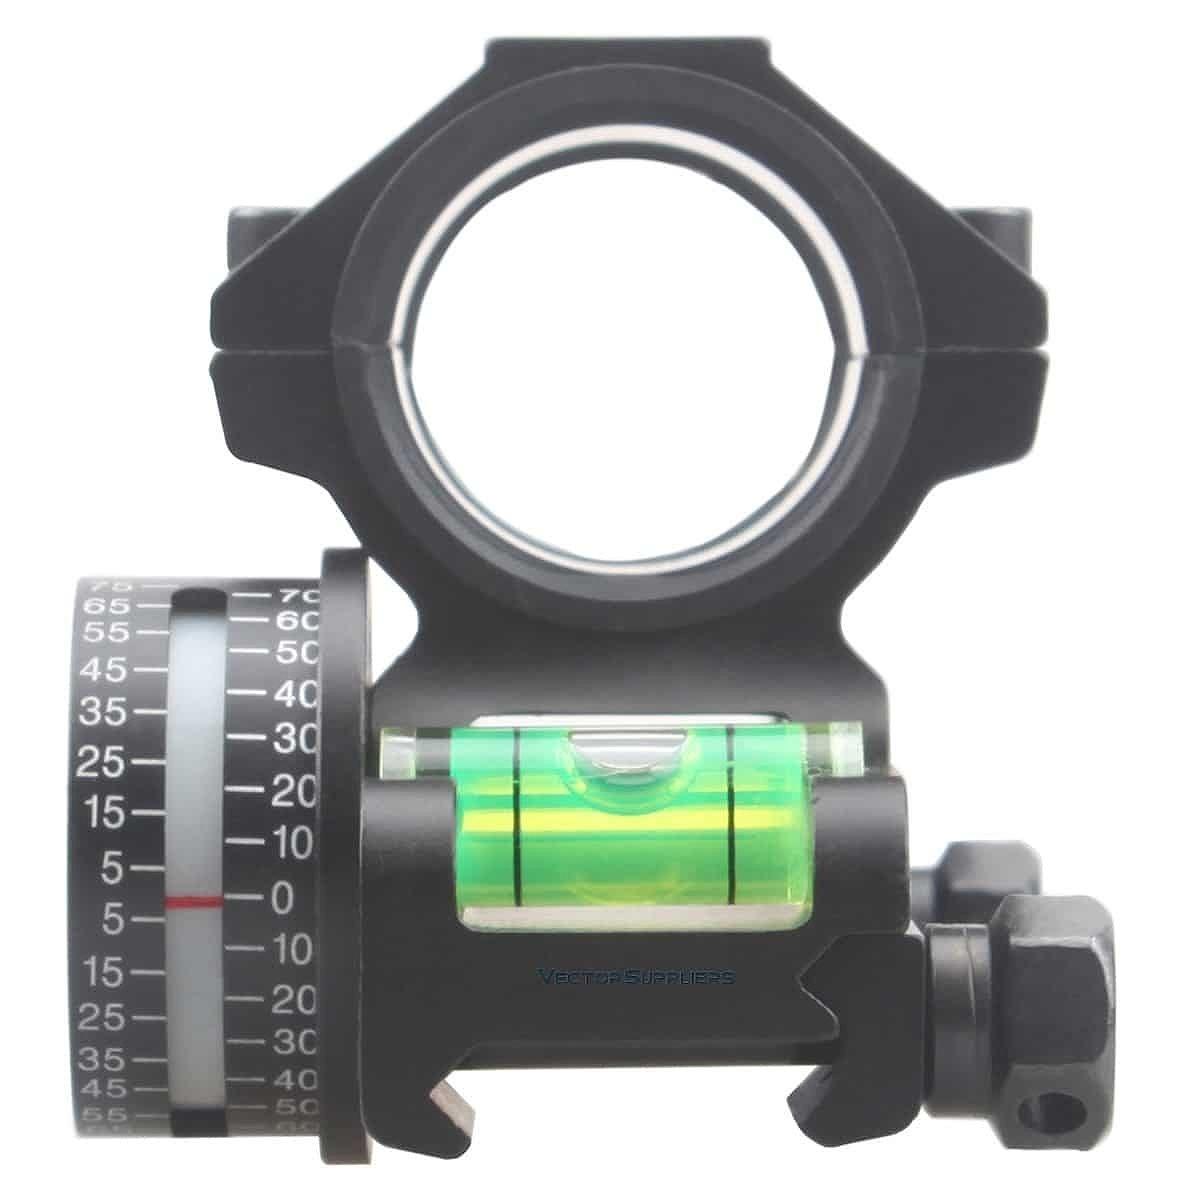 【お届け予定日: 5月30日】ベクターオプティクス スコープマウント 30mm One Piece Angle Indicator  Vector Optics SCACD-14